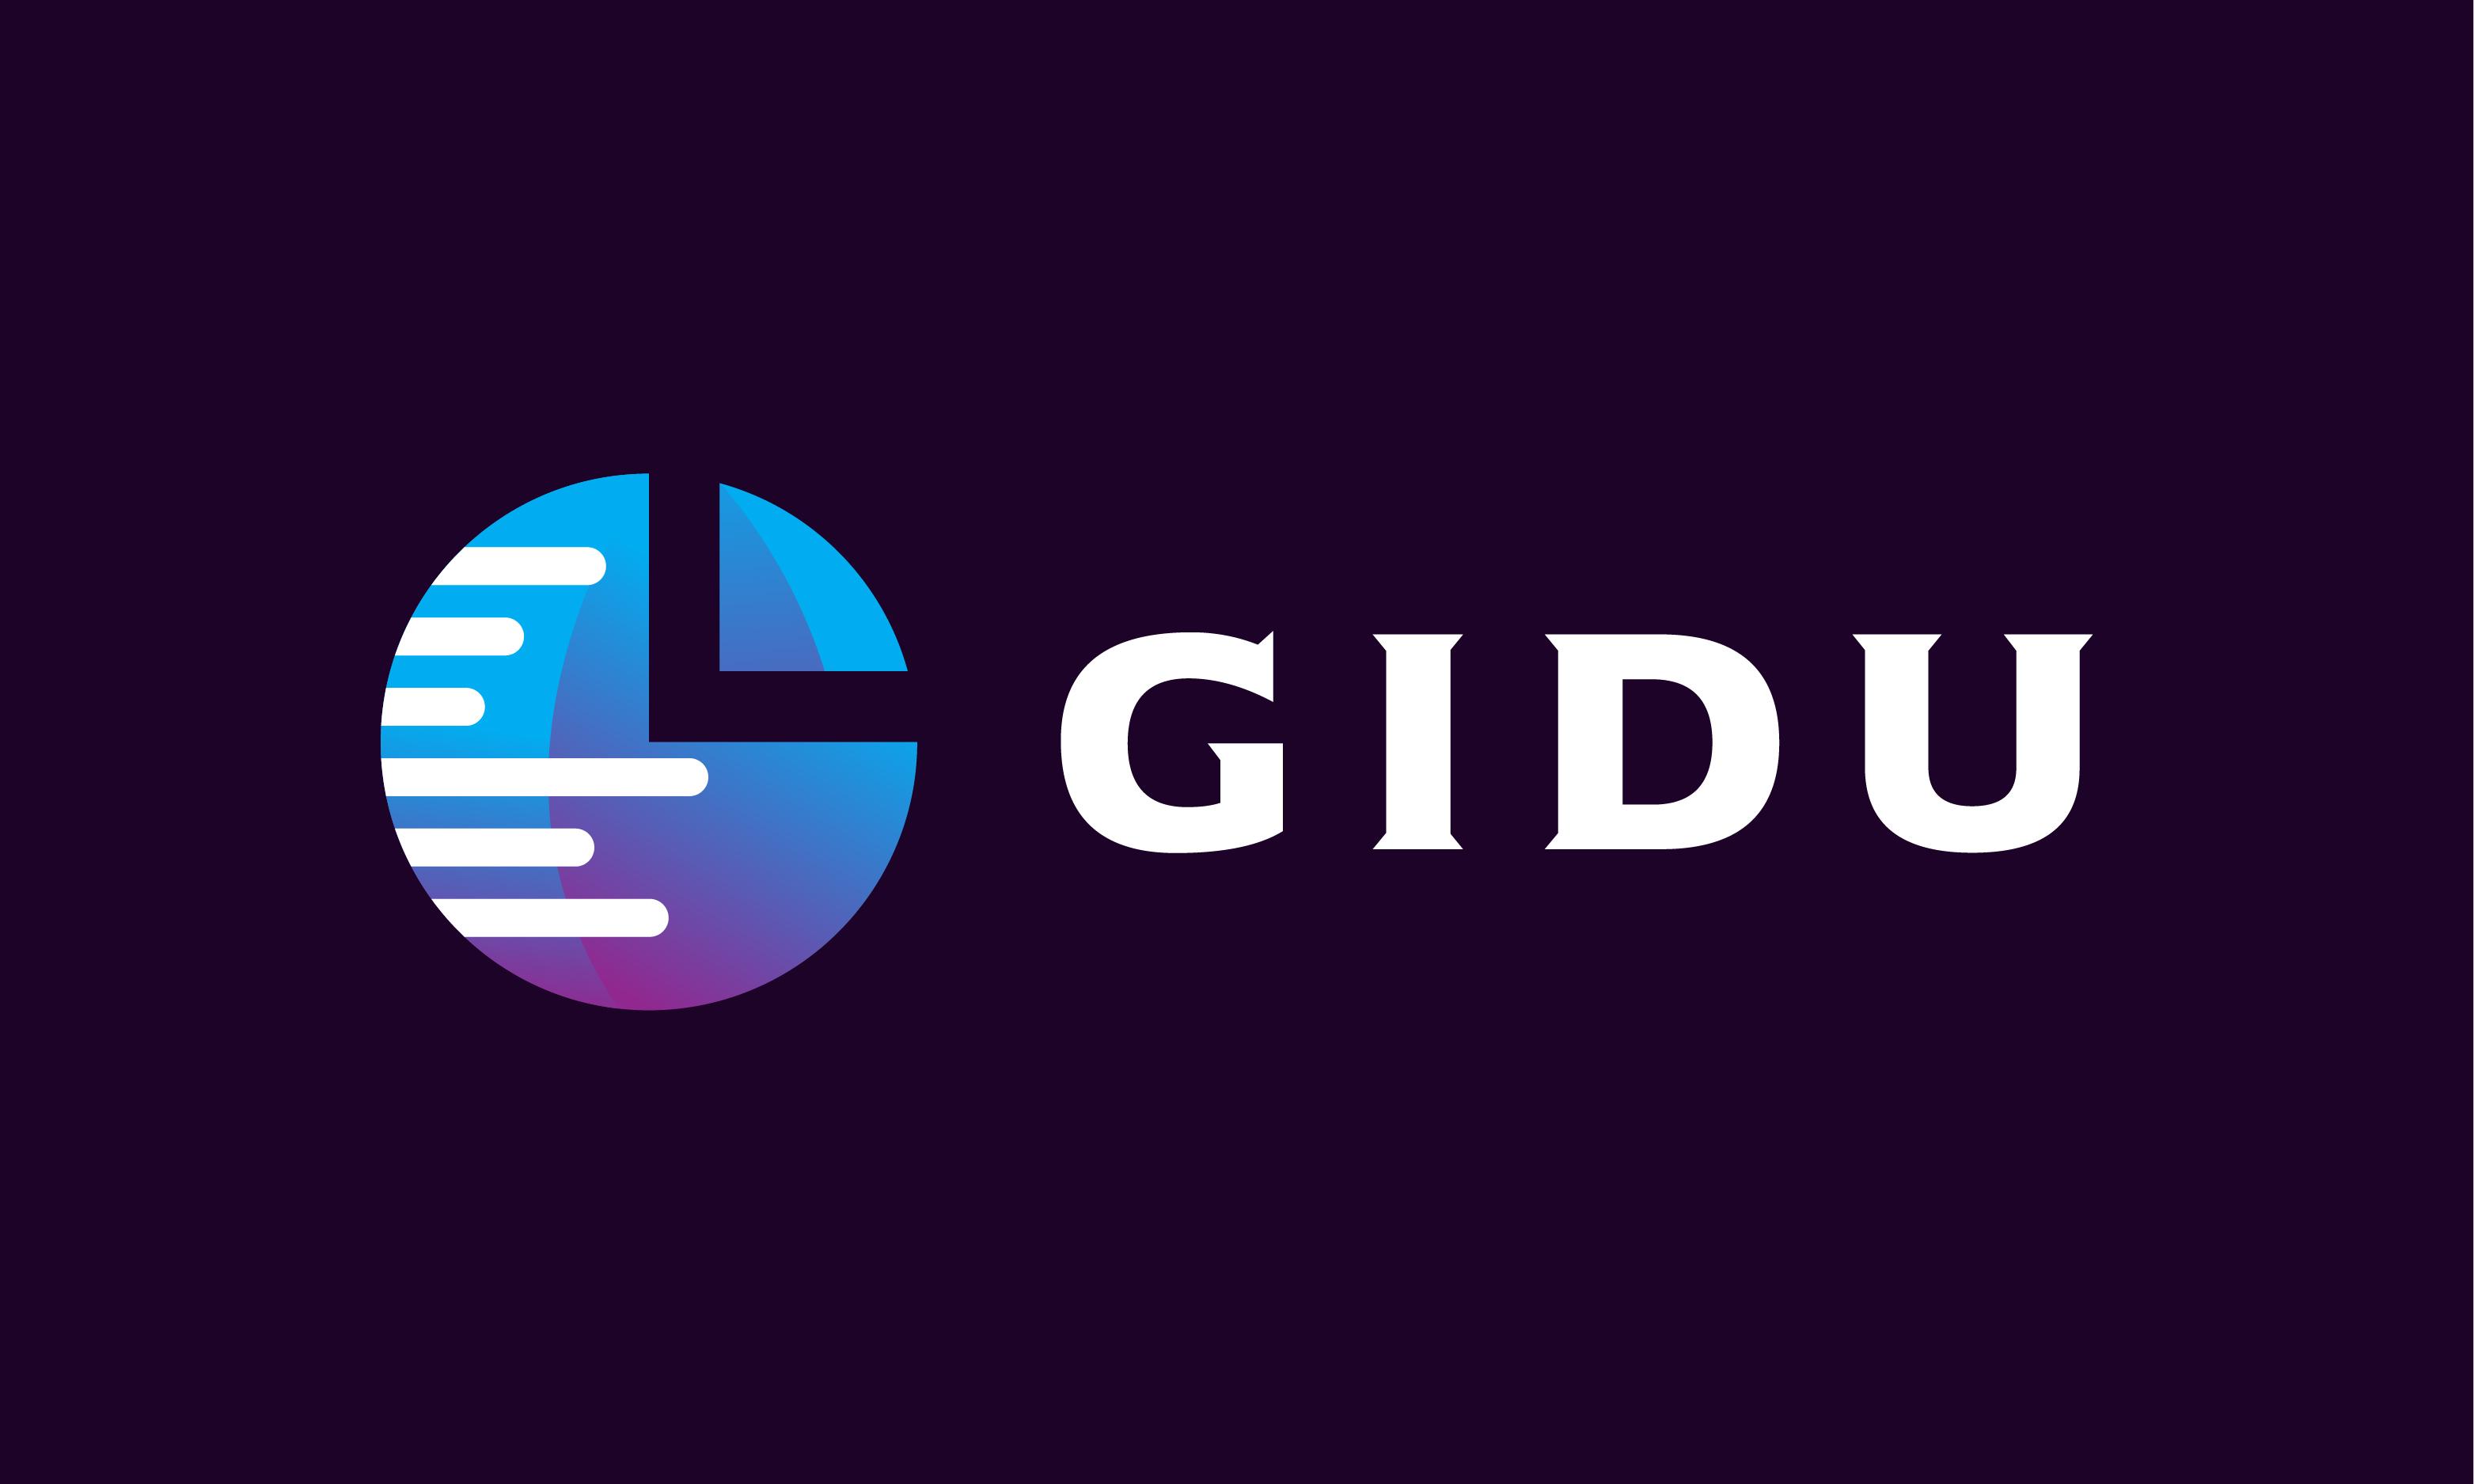 Gidu.com